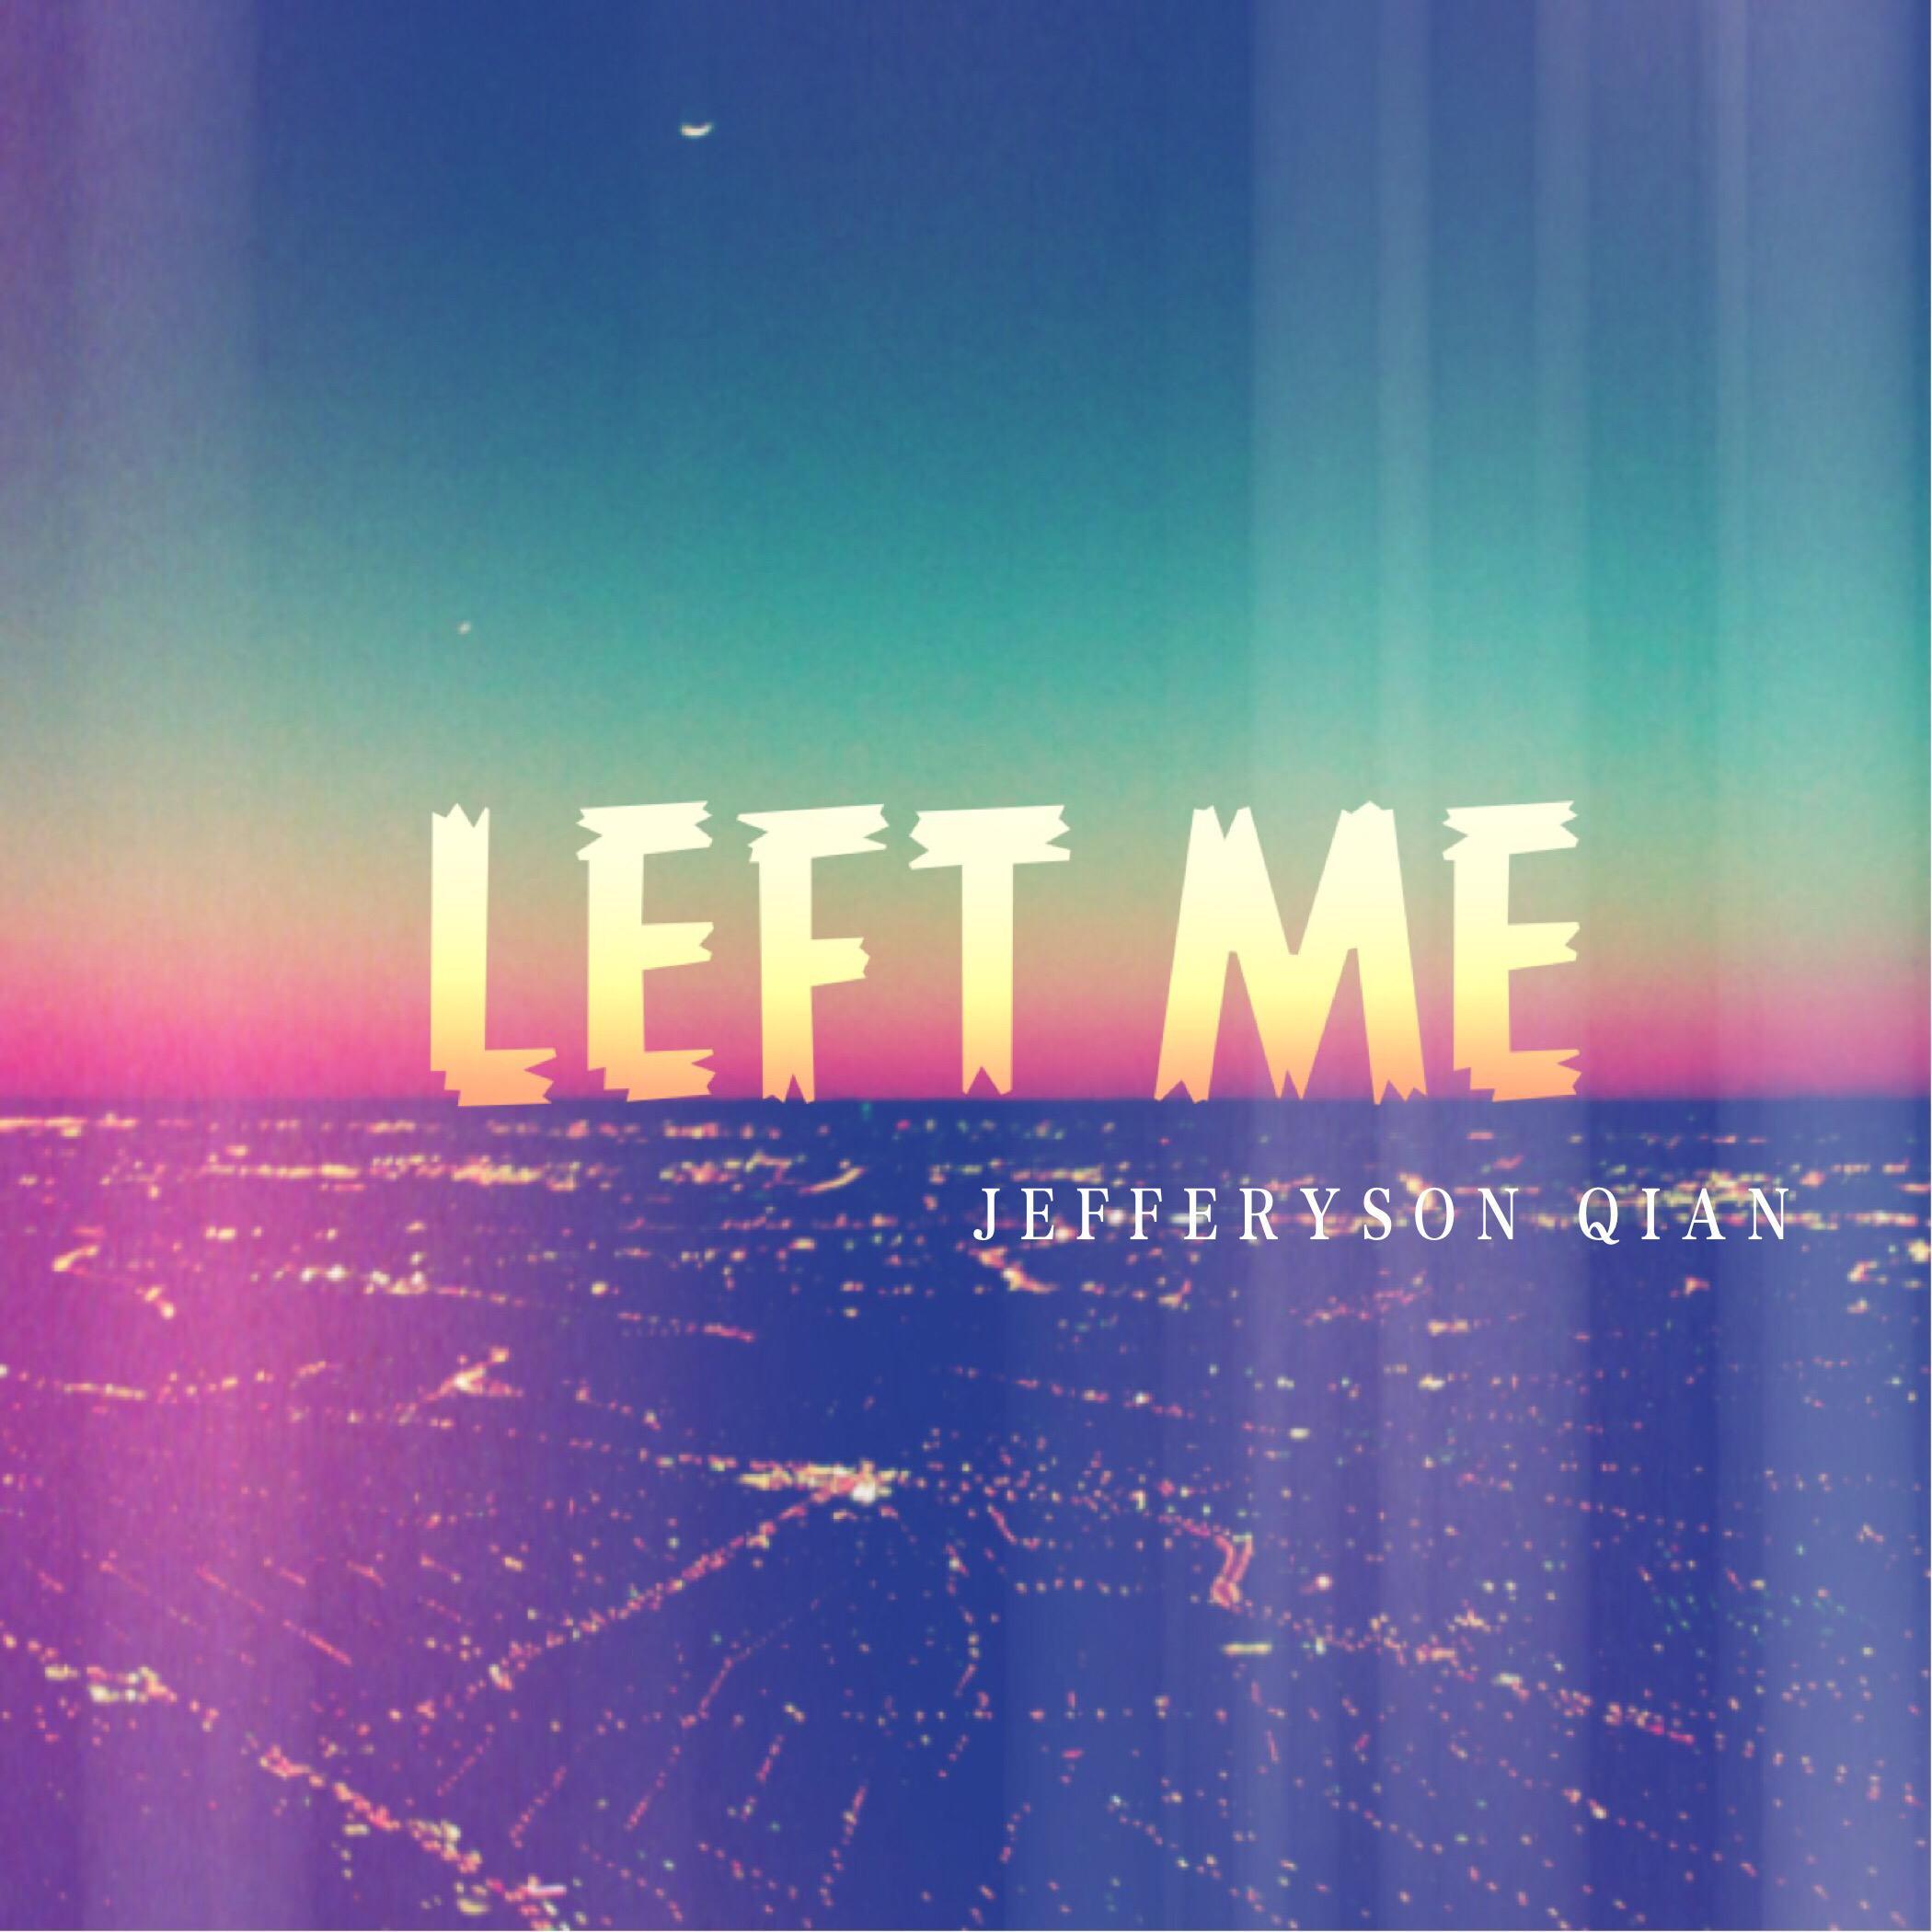 LEFT ME